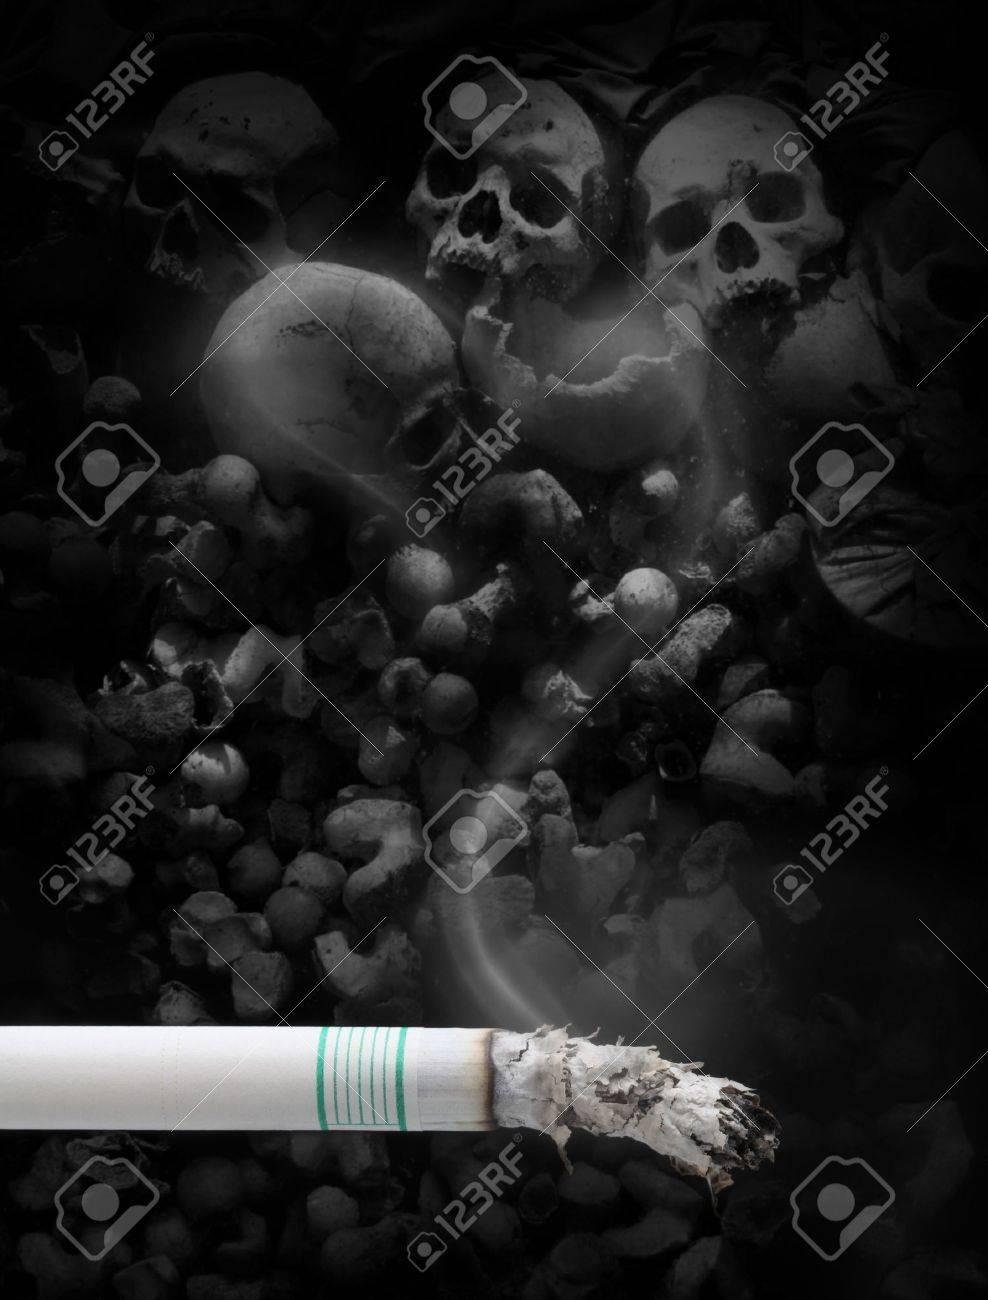 stop smoking Stock Photo - 6489771